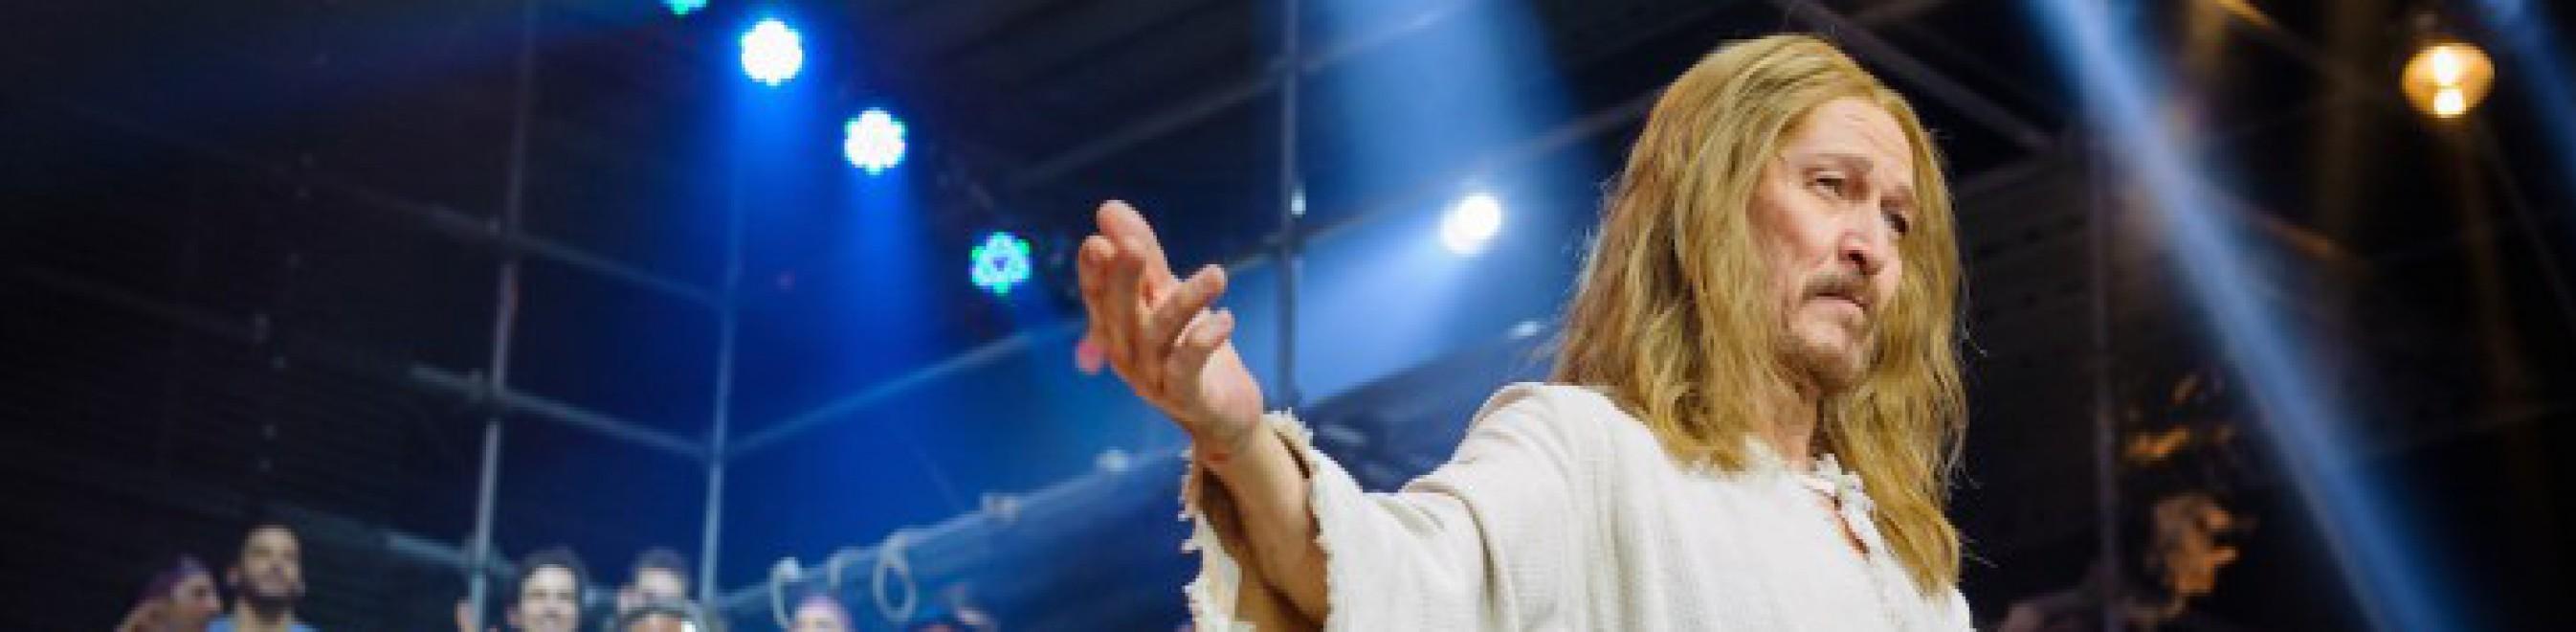 Anteprima della Stagione: JESUS CHRIST SUPERSTAR il musical capolavoro di Lloyd Webber e Rice